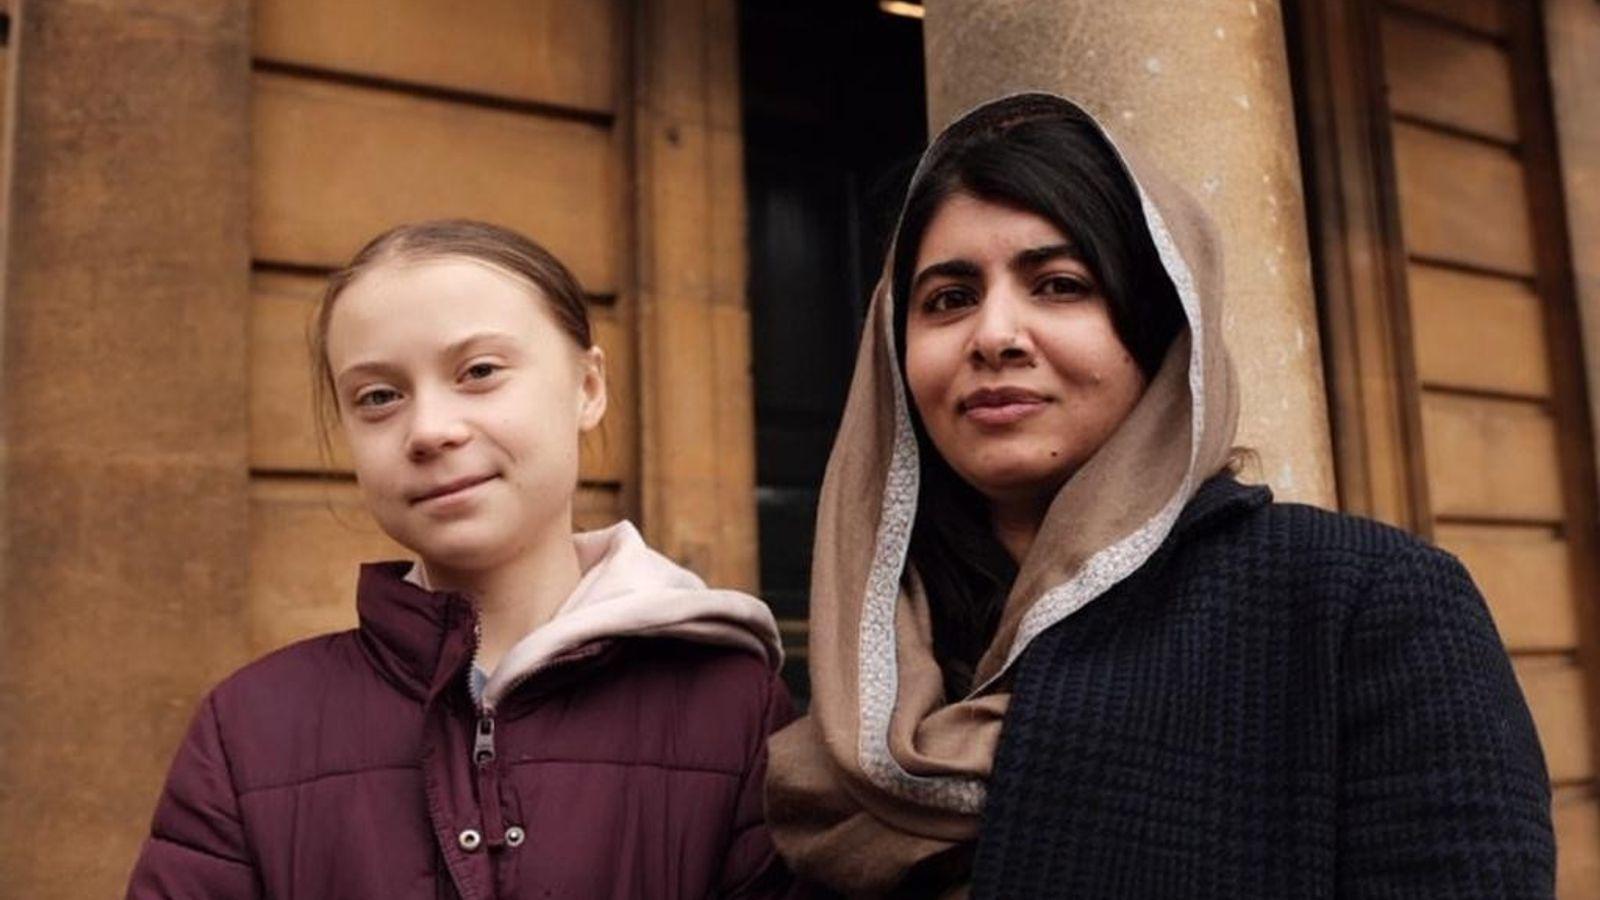 La activista por el cambio climático Greta Thunberg junto a Malala Yousafzai, defensora del derecho a ...